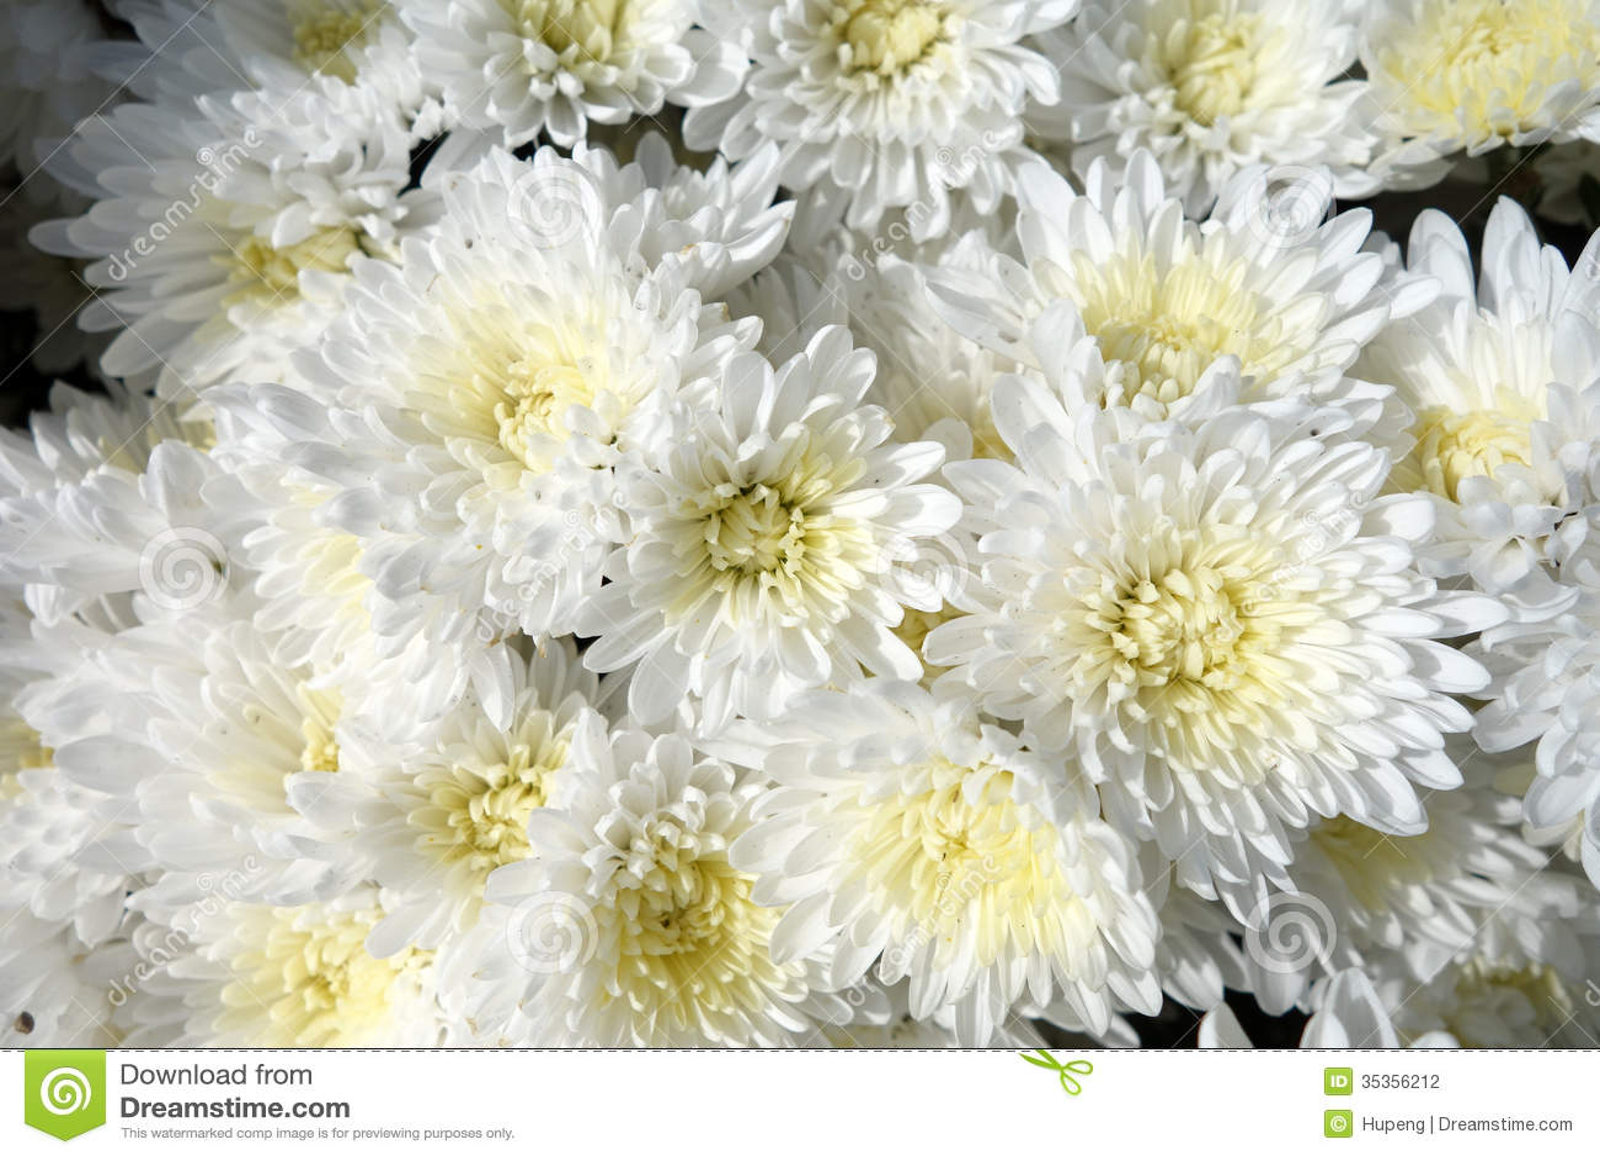 White chrysanthemum flowers stock photo image of blooms white chrysanthemum flowers mightylinksfo